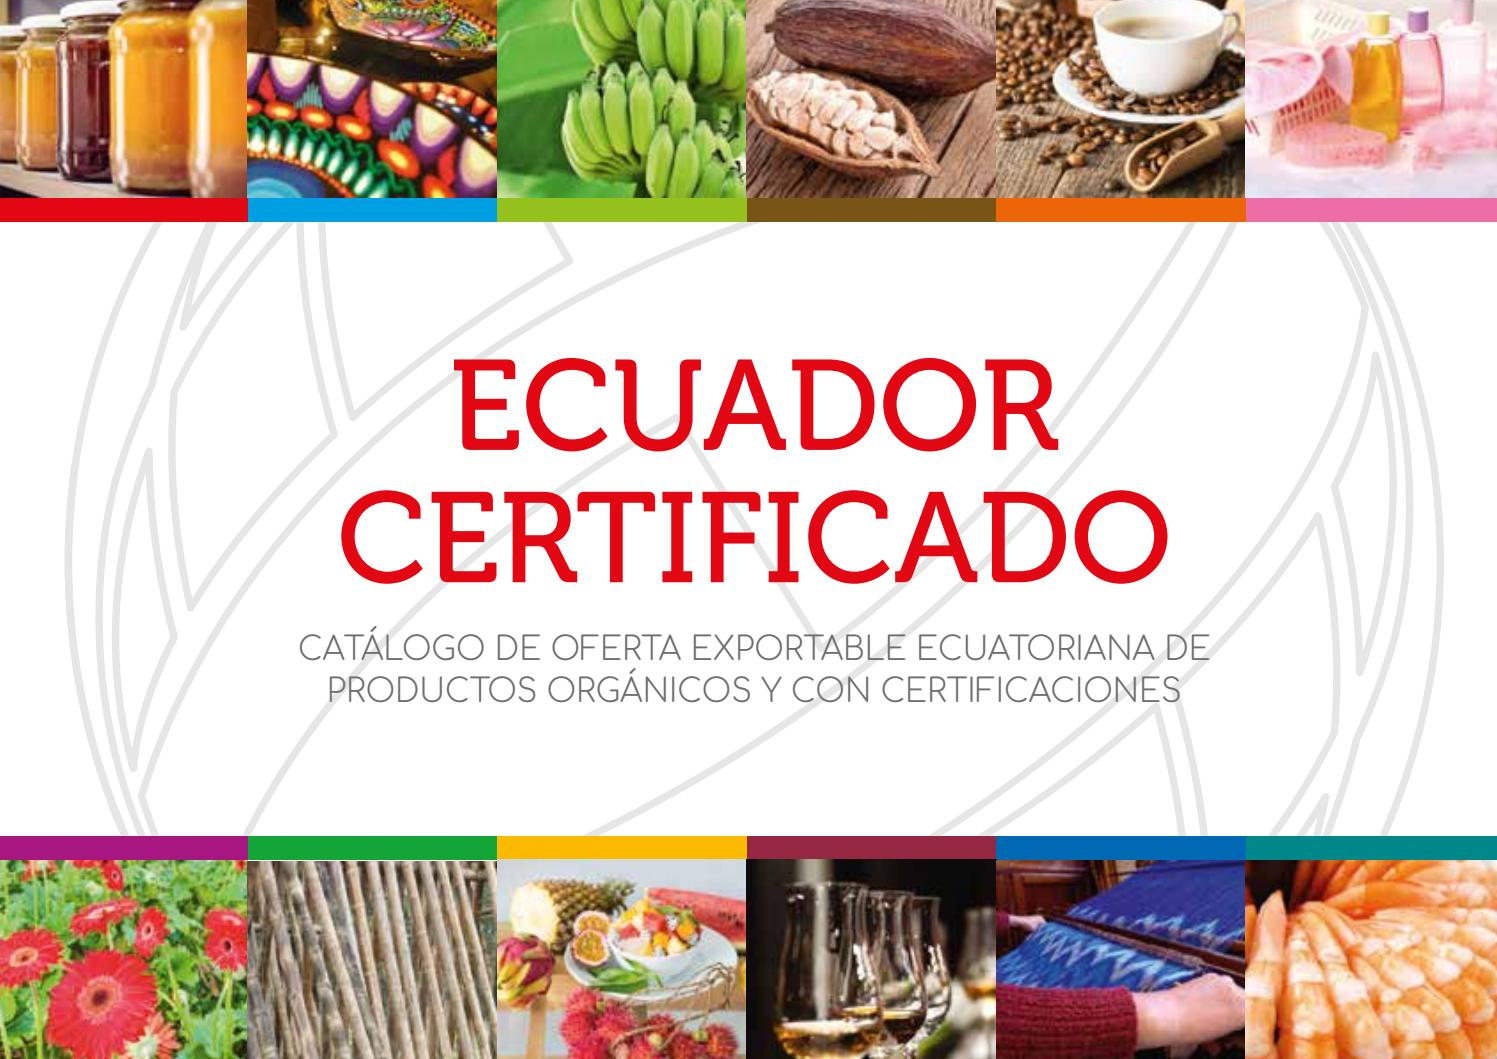 Ecuador Certificado MCEI by Ministerio de Comercio Exterior MCE - issuu cae1e88601f